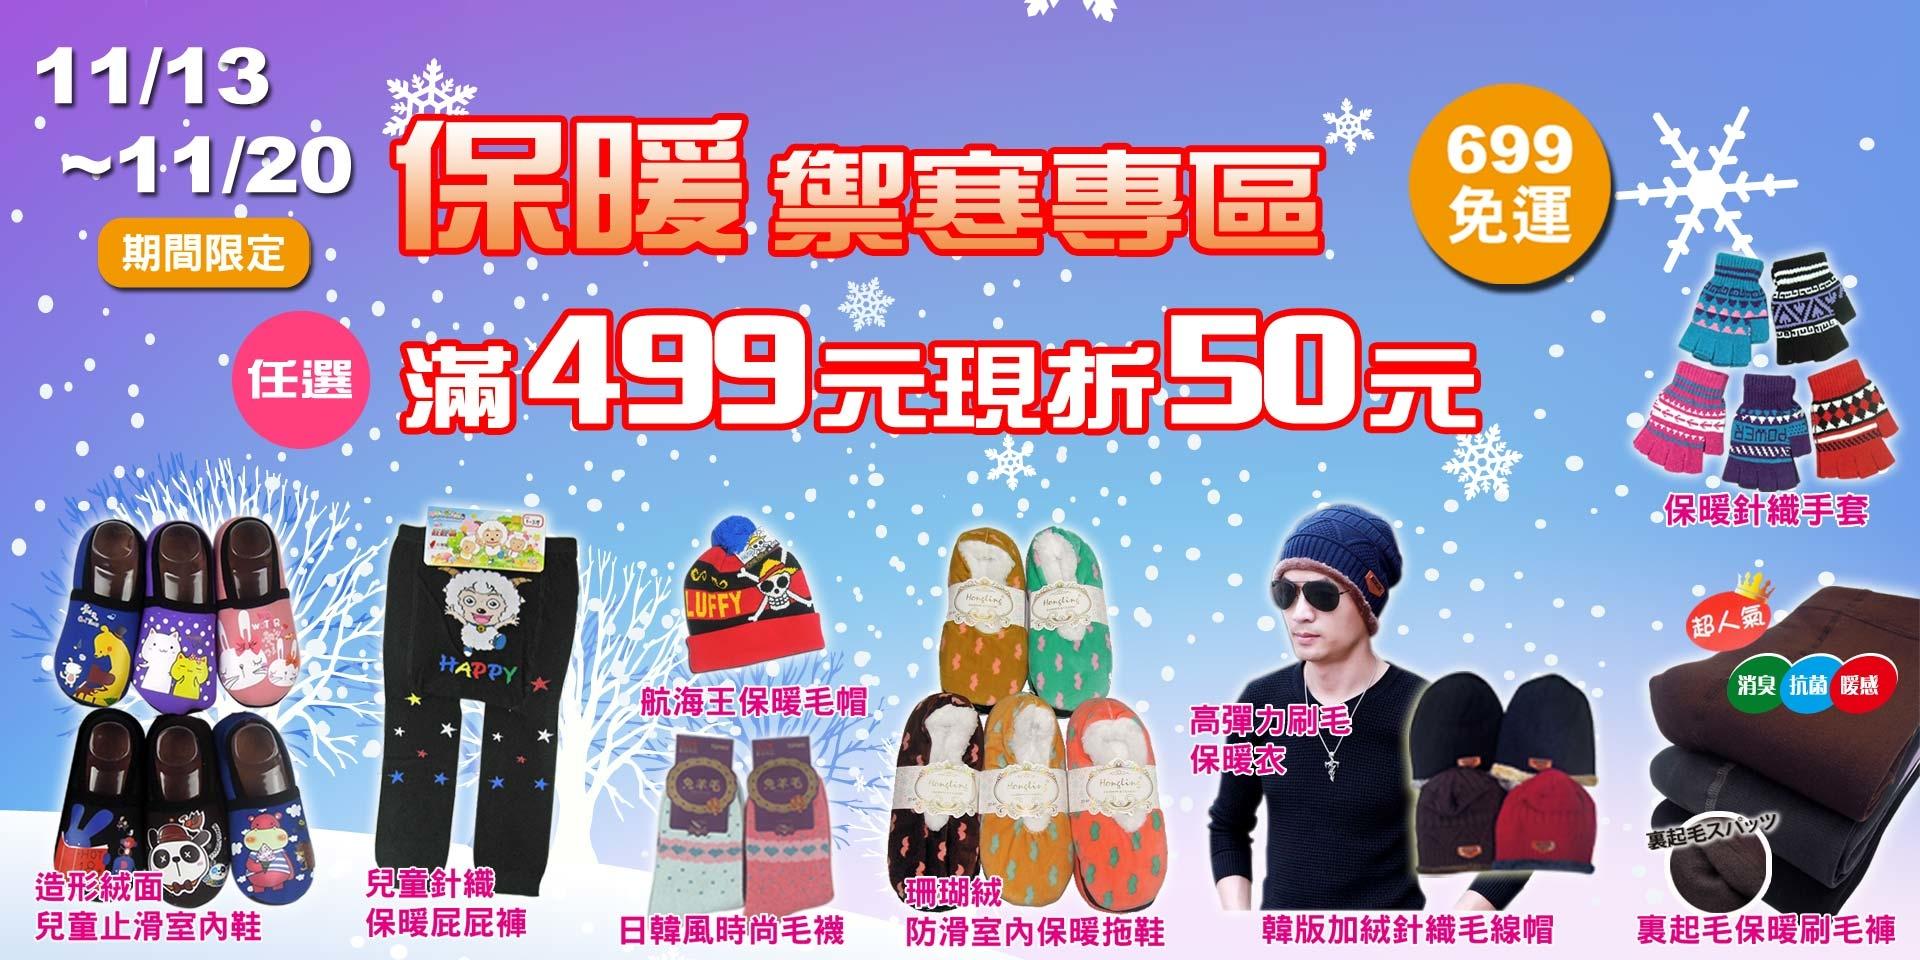 慶入冬~保暖禦寒商品滿499現折50元!